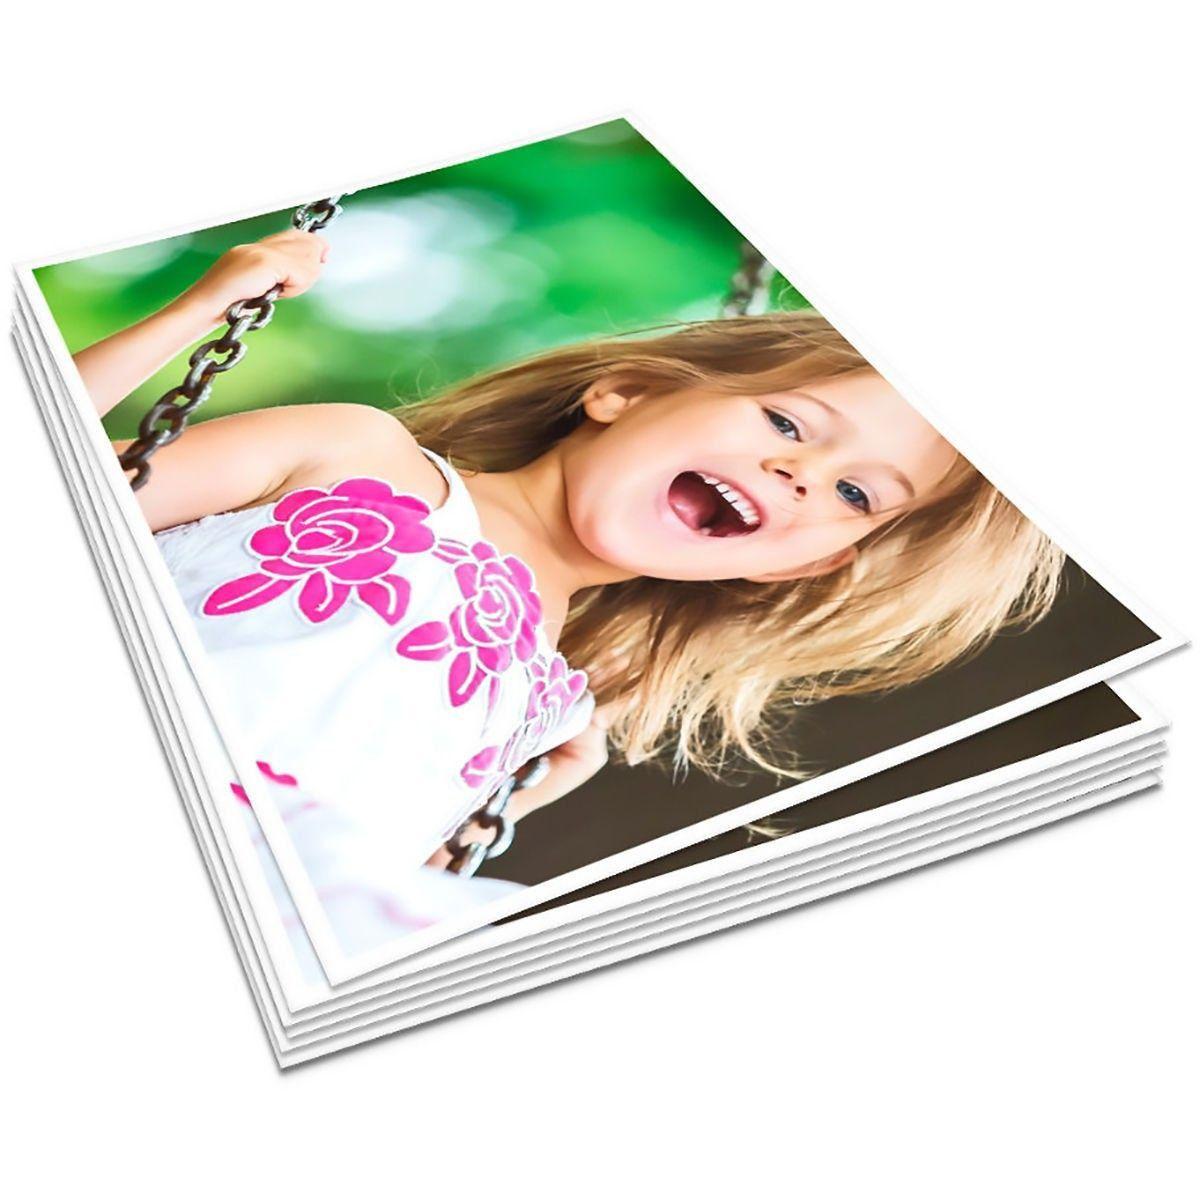 Papel Fotográfico A4 135g Glossy Branco Brilhante Resistente à Água / 500 folhas